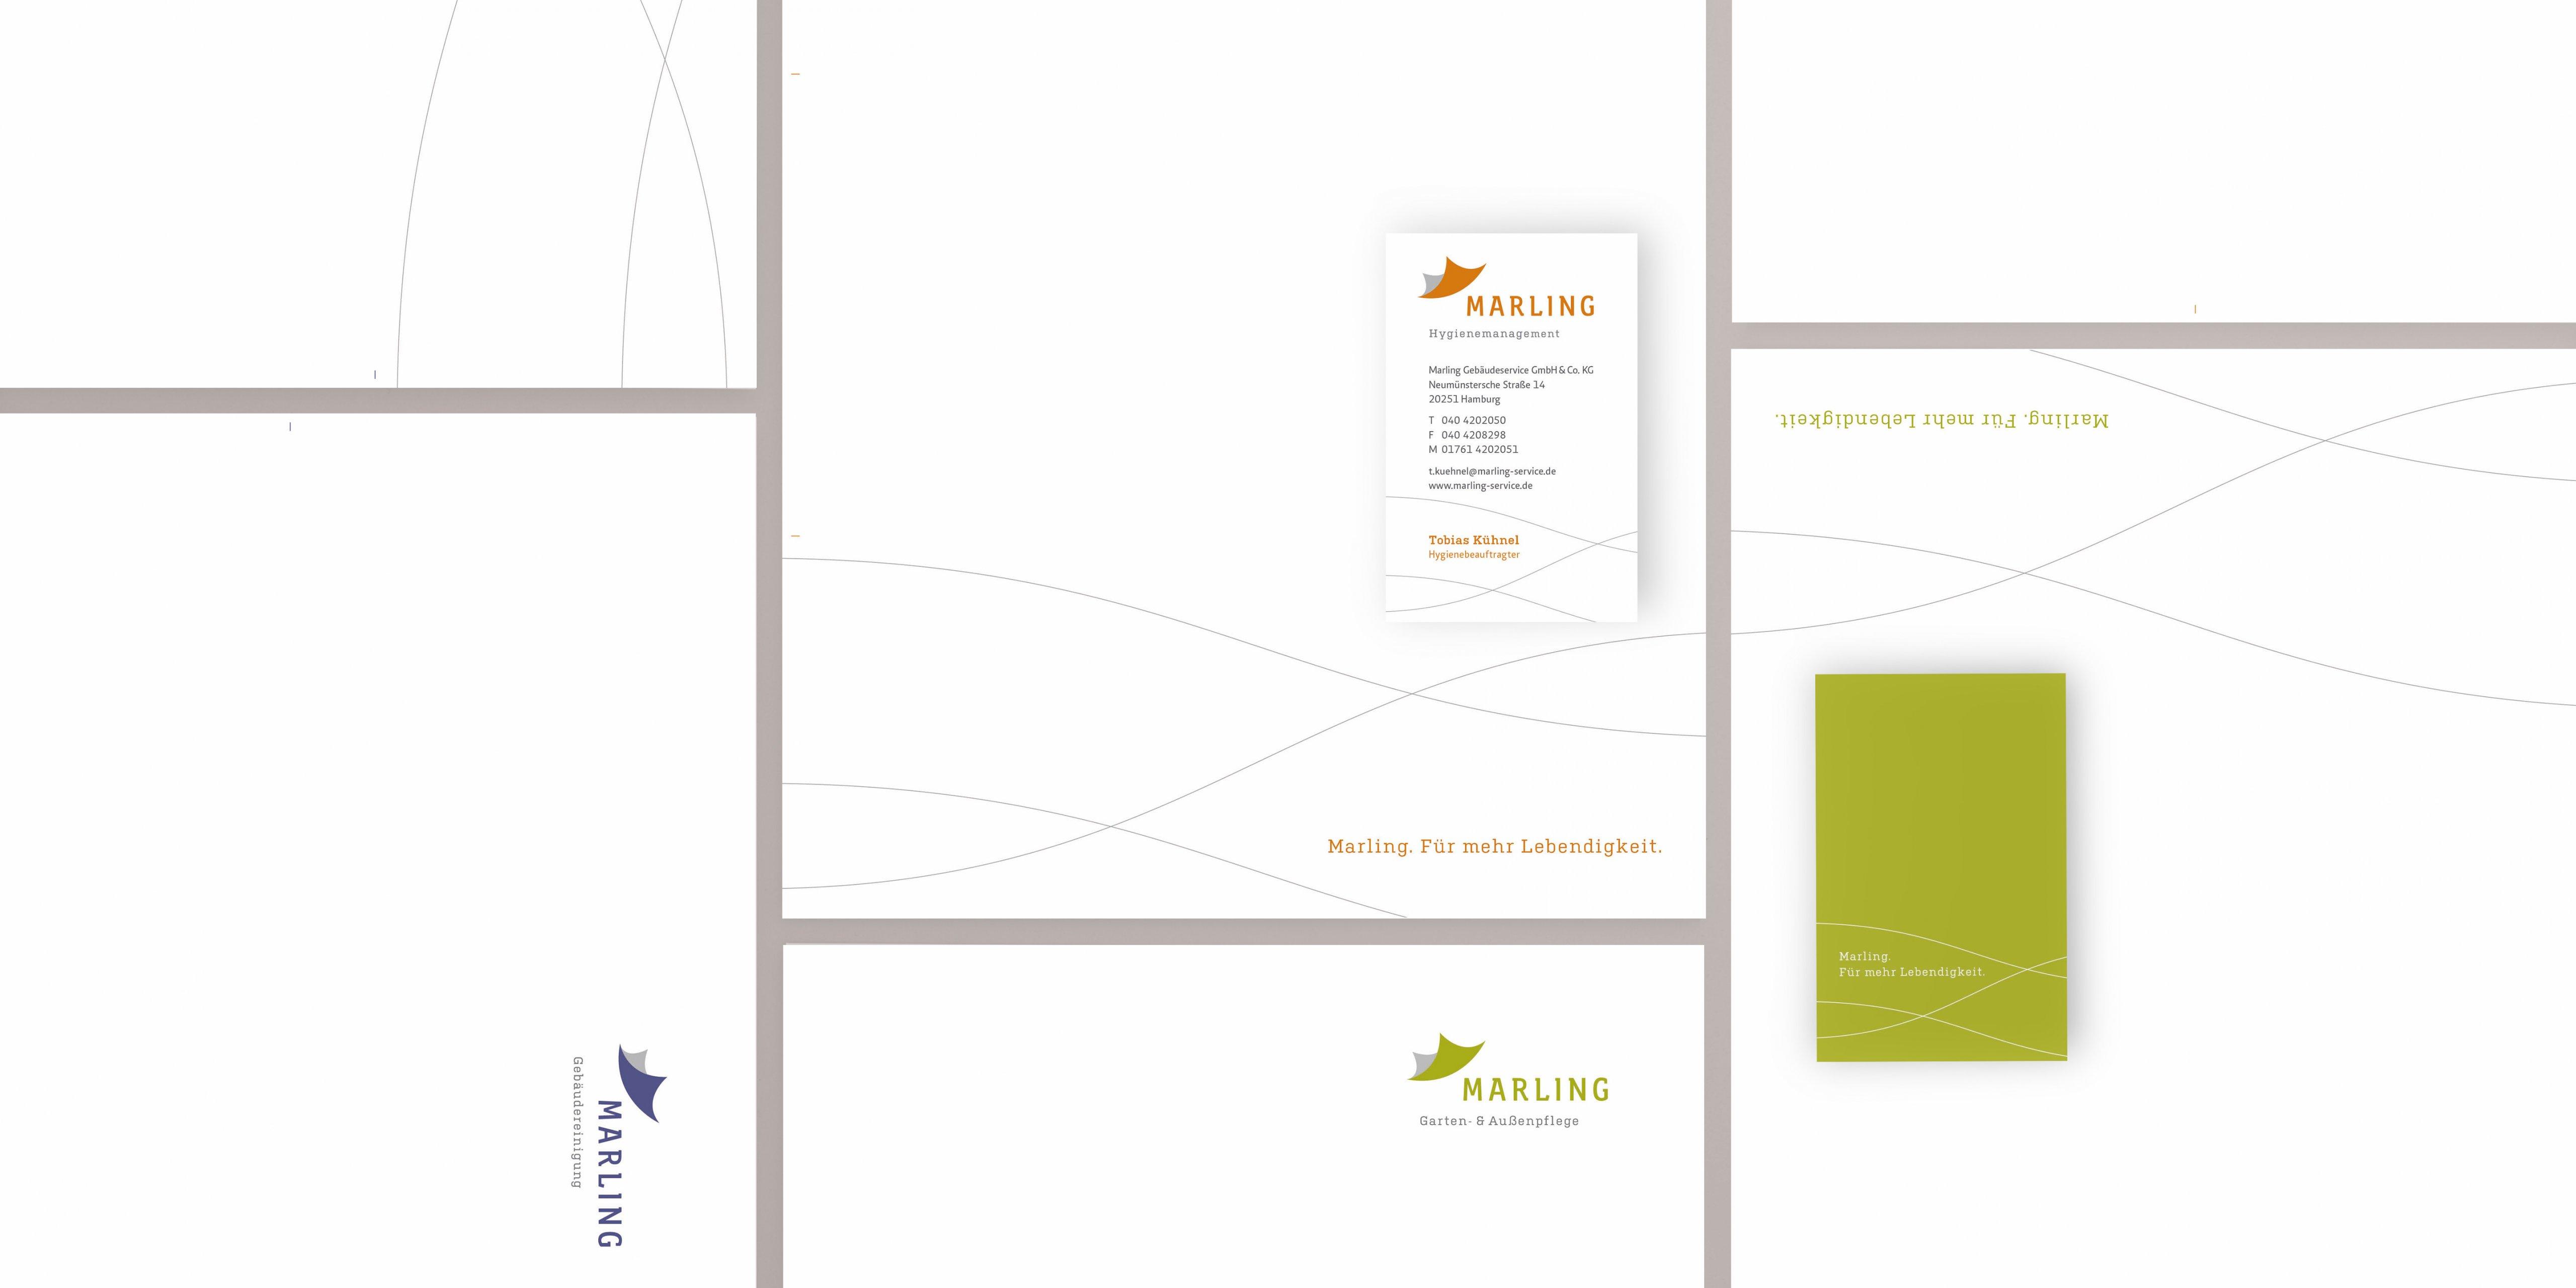 Die Marling Geschäftsausstattung ist so gestaltet, dass sie für alle Geschäftsbereiche eigenständig funktioniert.